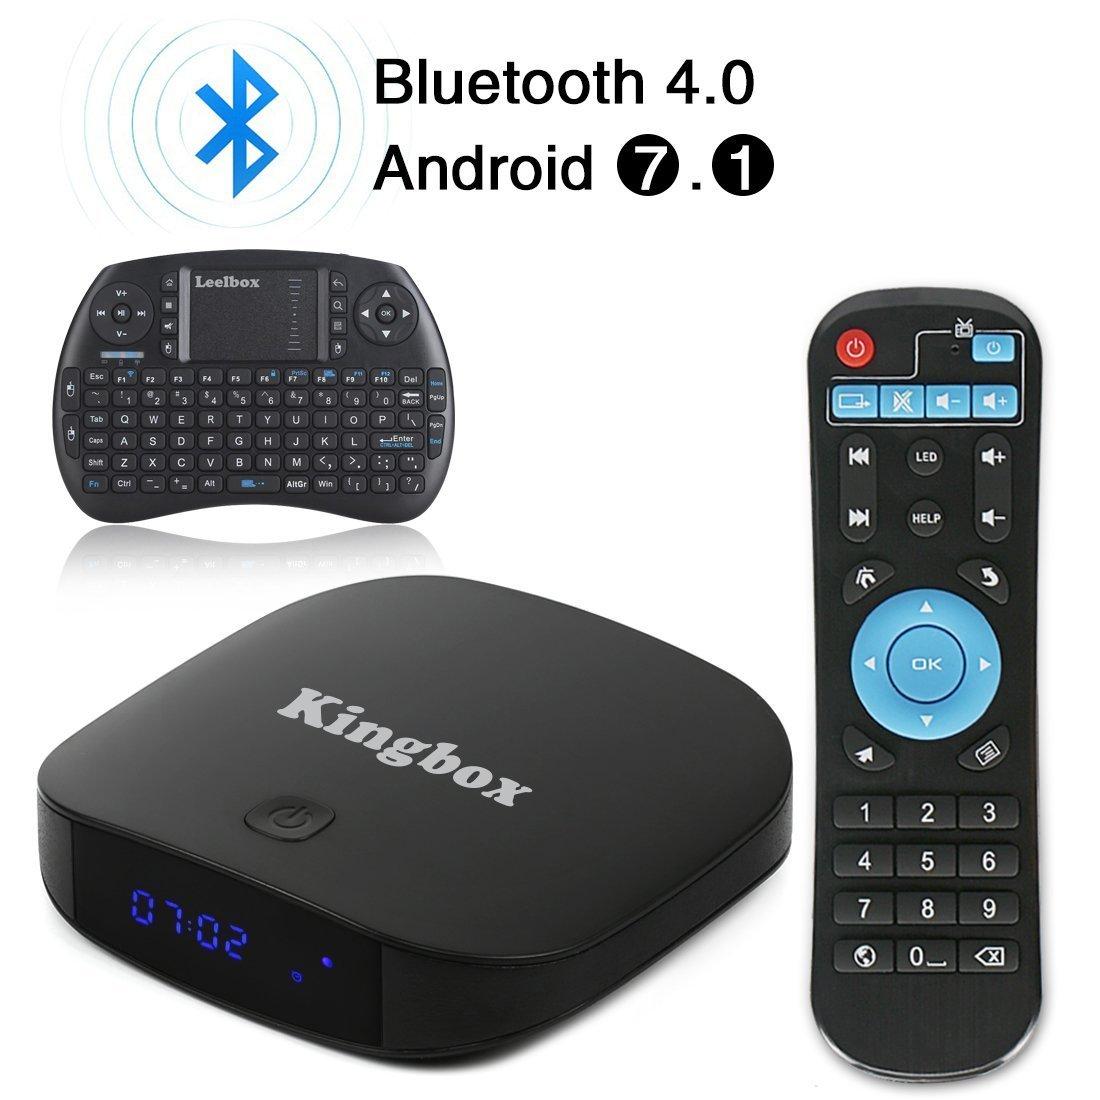 Kingbox K2 Android 7.1 TV Box de 2GB RAM + 16GB ROM/BT4.0/Penta Core/H.265/4K con Mini Teclado Inalámbrico Smart TV Box - [2018 Última Edición]